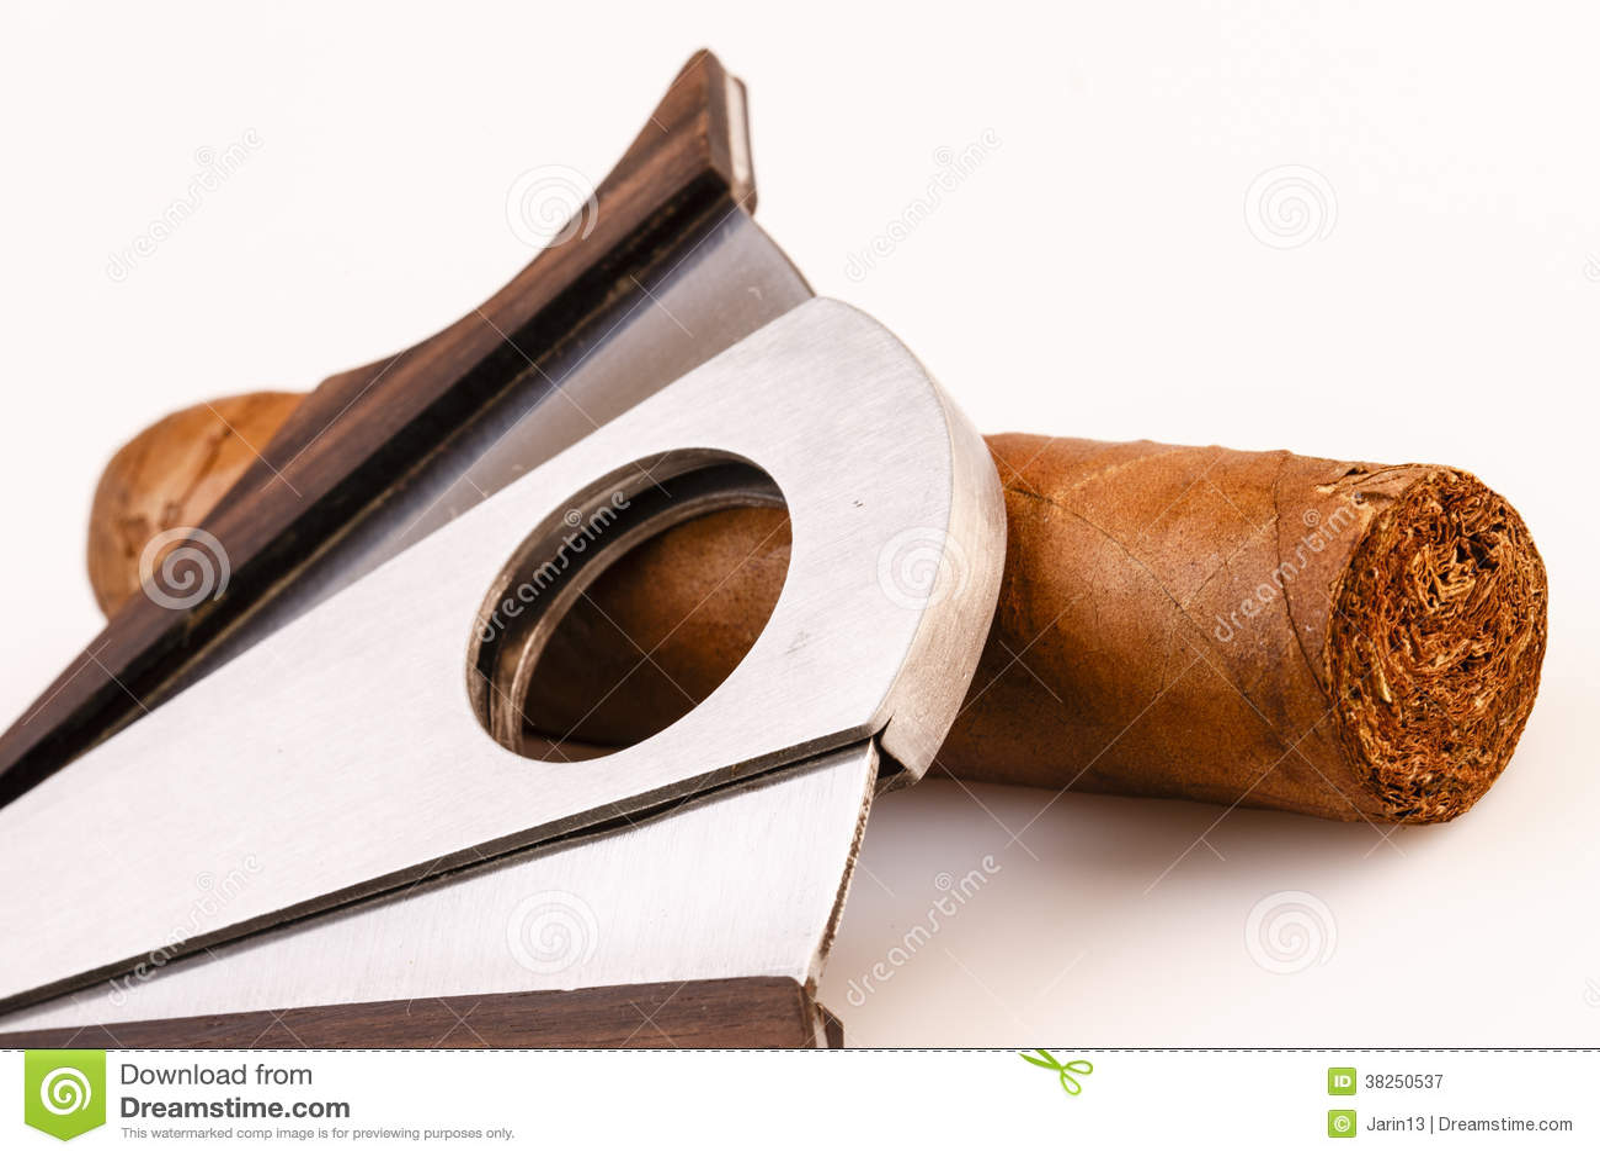 雪茄和切削刀在白色背景